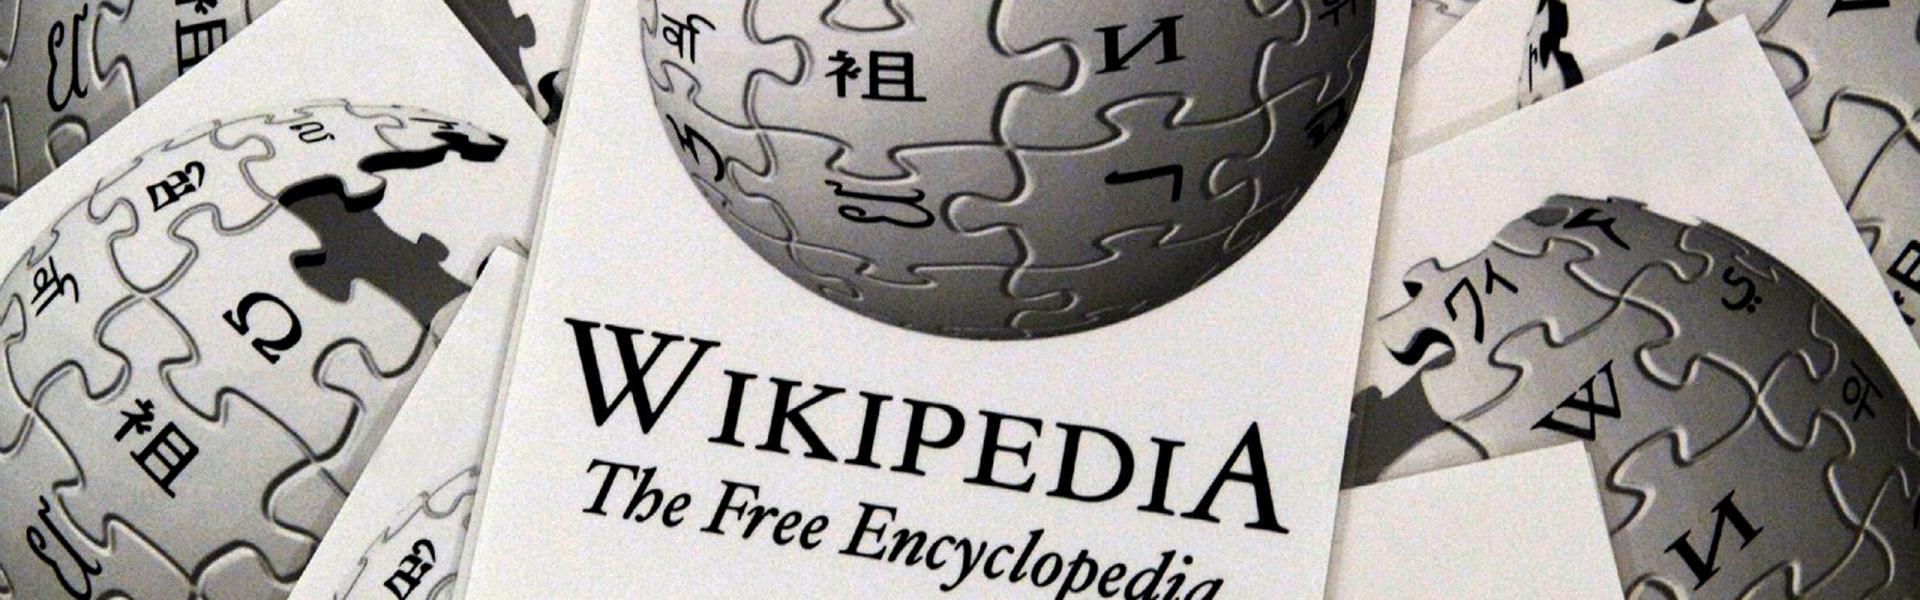 ويكيبيديا تشكو تركيا إلى محكمة حقوق الإنسان الأوروبية